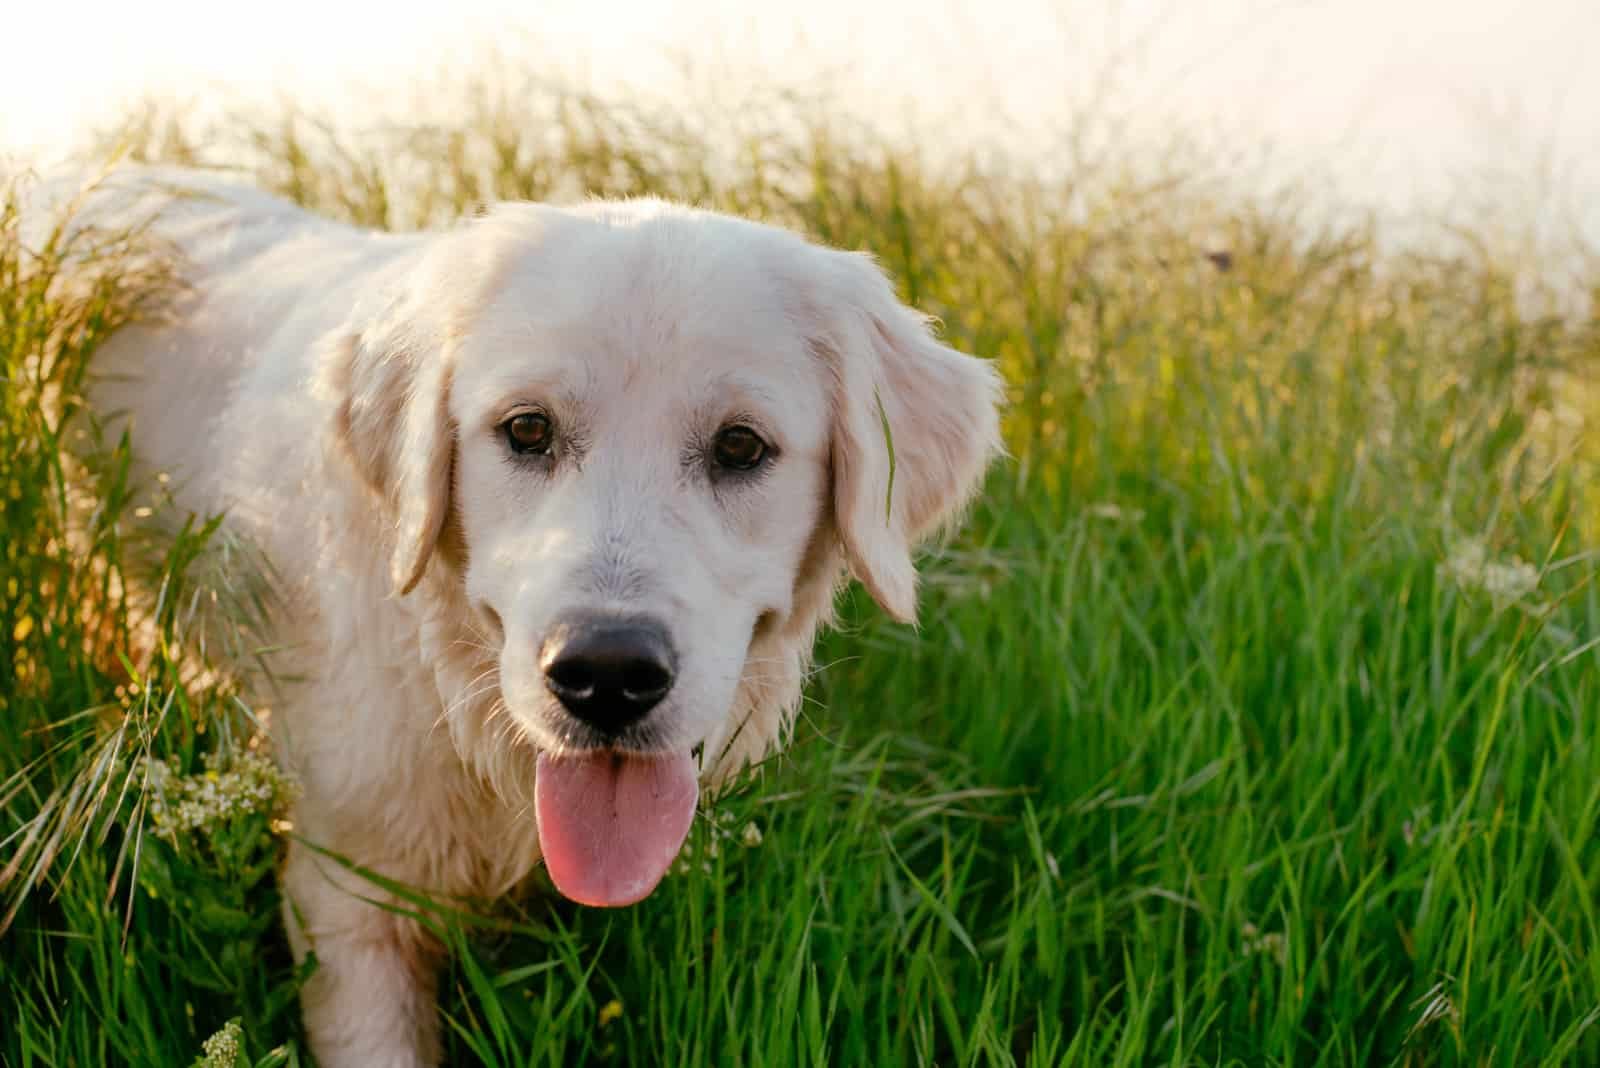 Labrador Retriever Hund im Park spazieren gehen